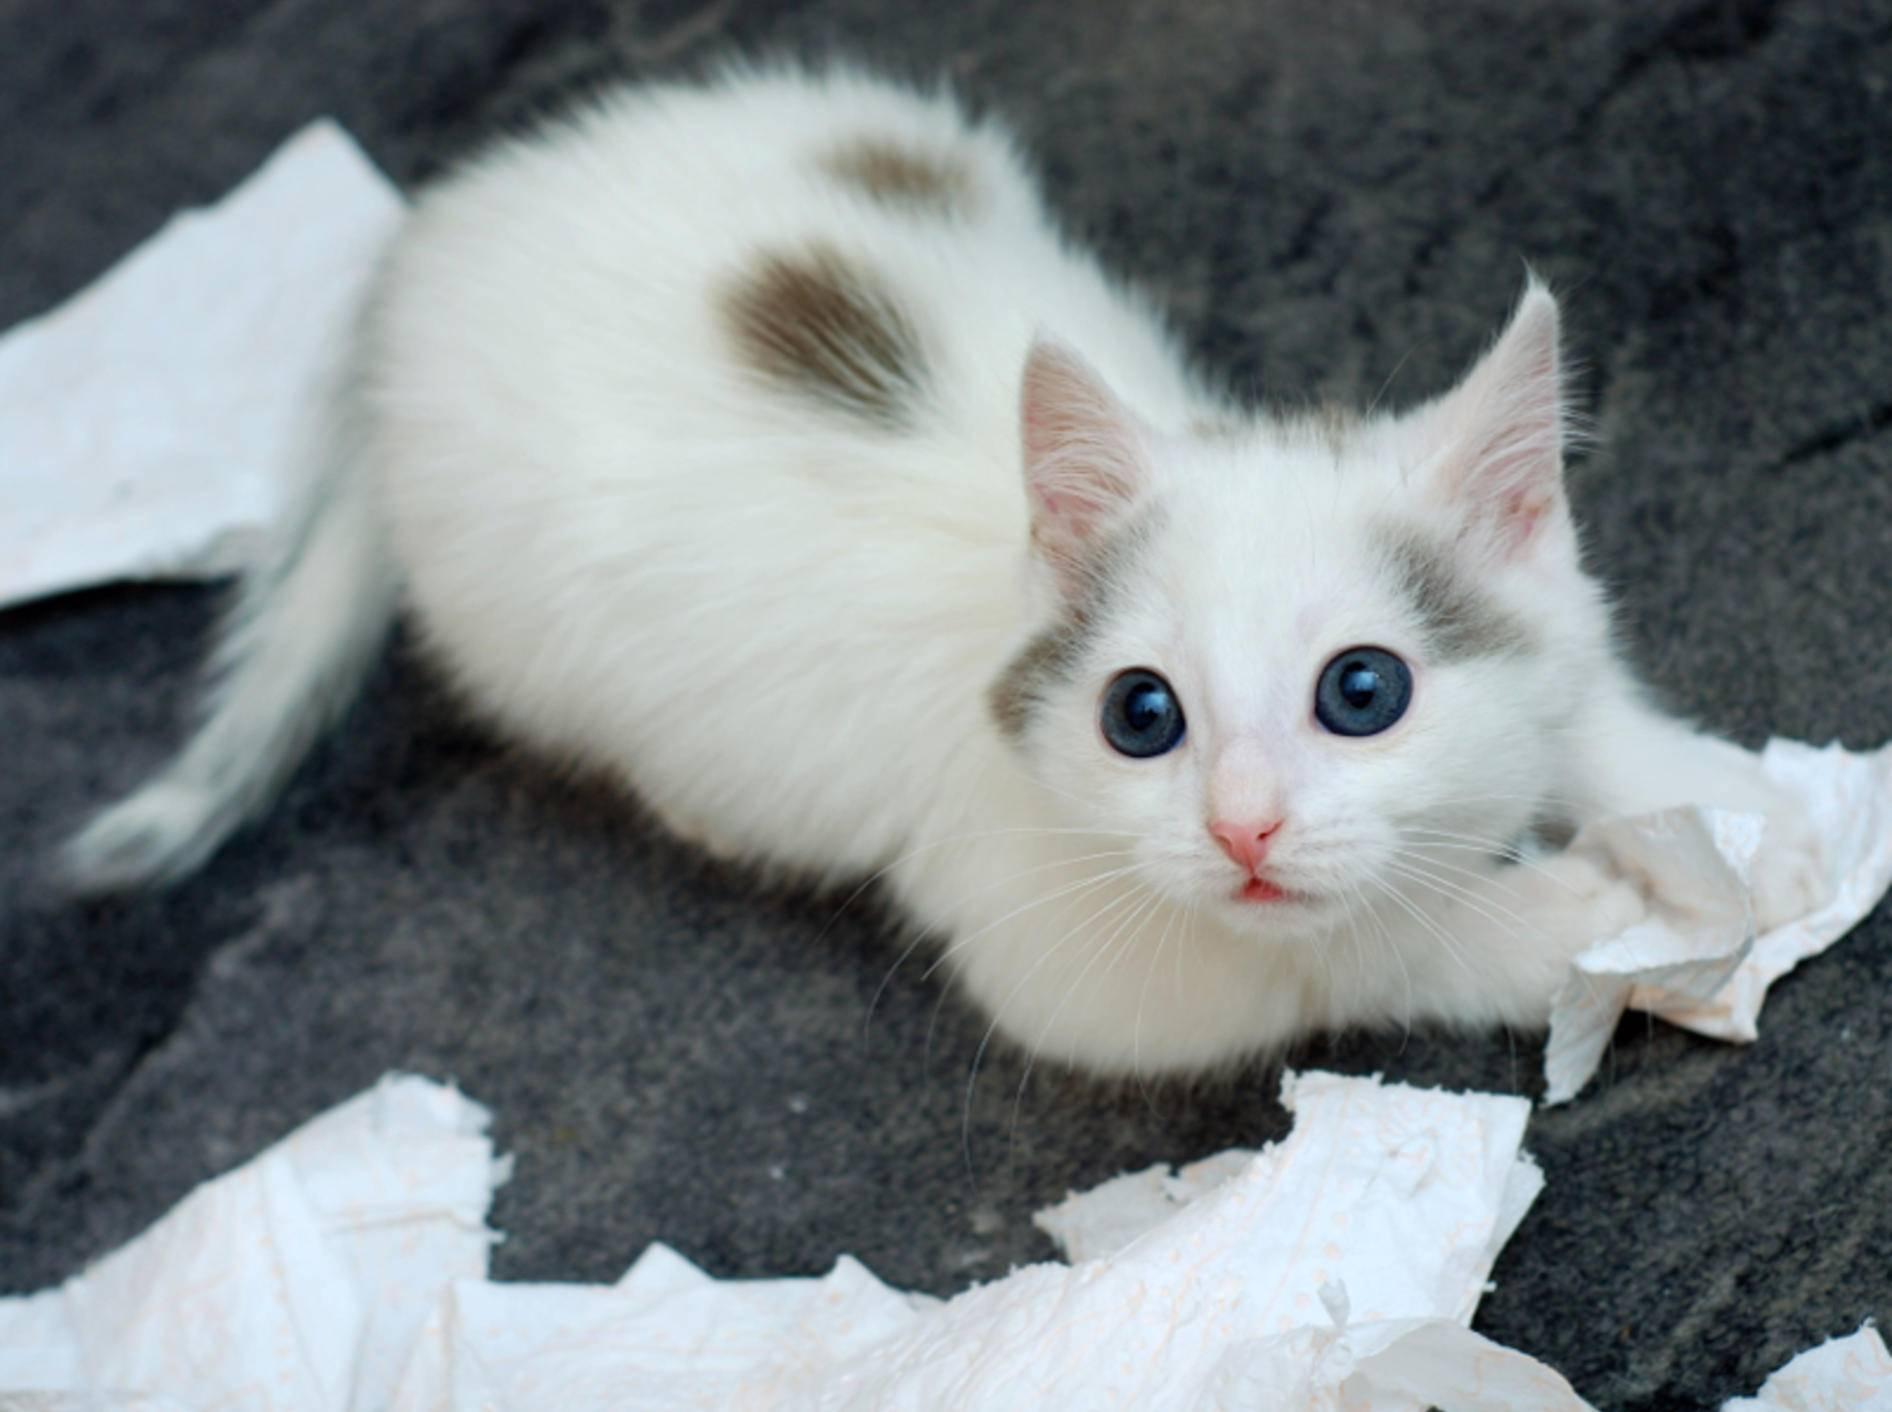 Katzen spielen gerne mit Dingen, die nicht als Spielzeug gedacht sind – Shutterstock / Nadinelle